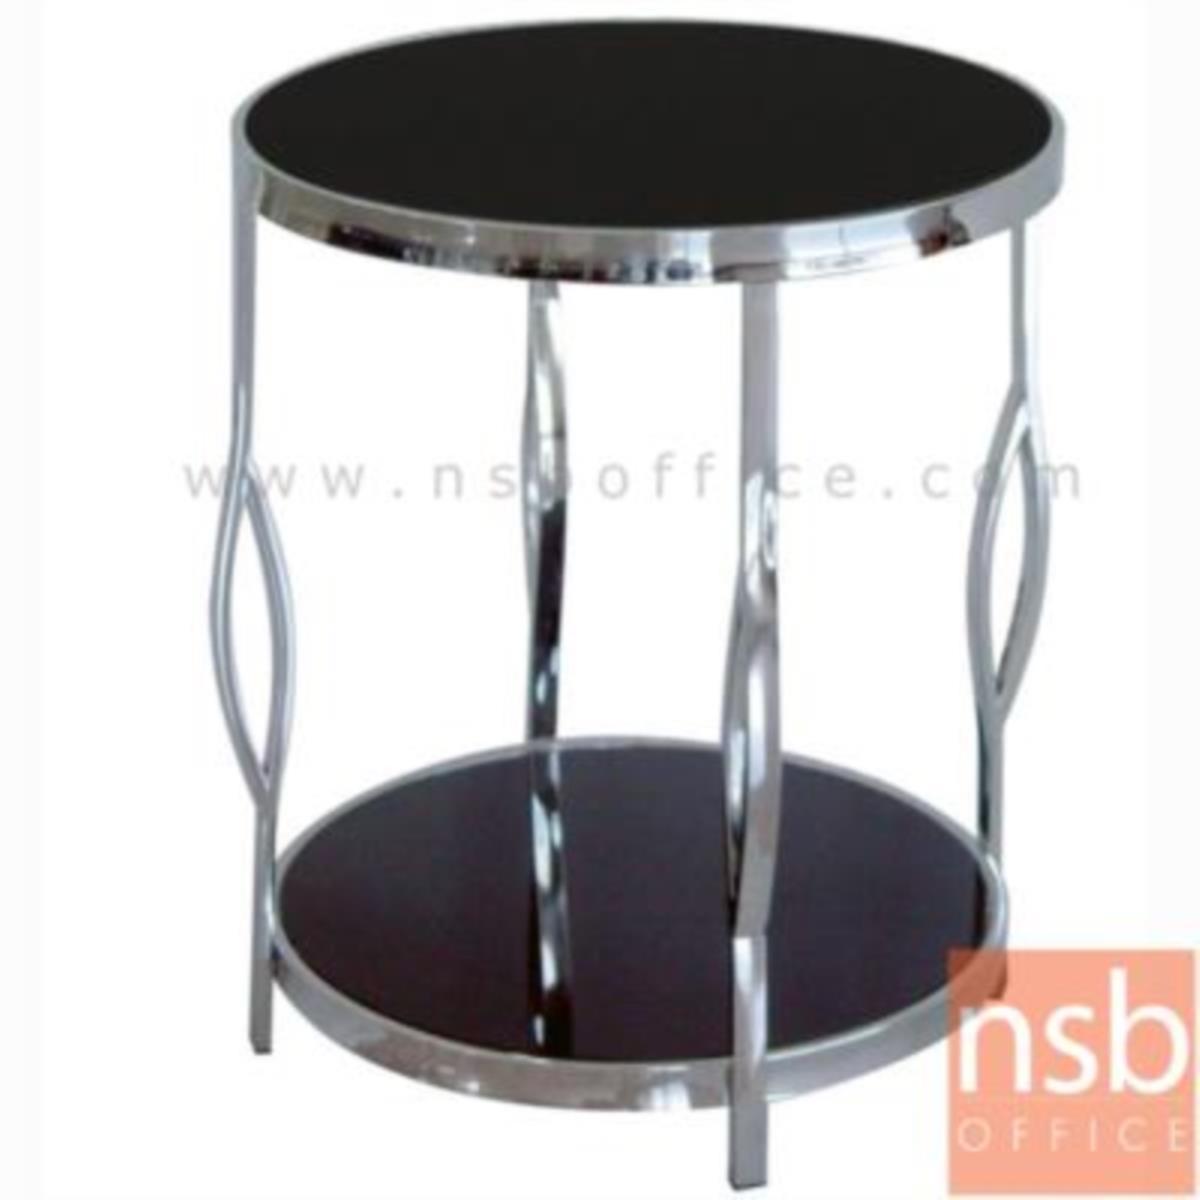 A09A113:โต๊ะกลมหน้ากระจกสีชา รุ่น Crawford (ครอว์ฟอร์ด) ขนาด 50Di cm.  โครงเหล็กชุบโครเมี่ยม